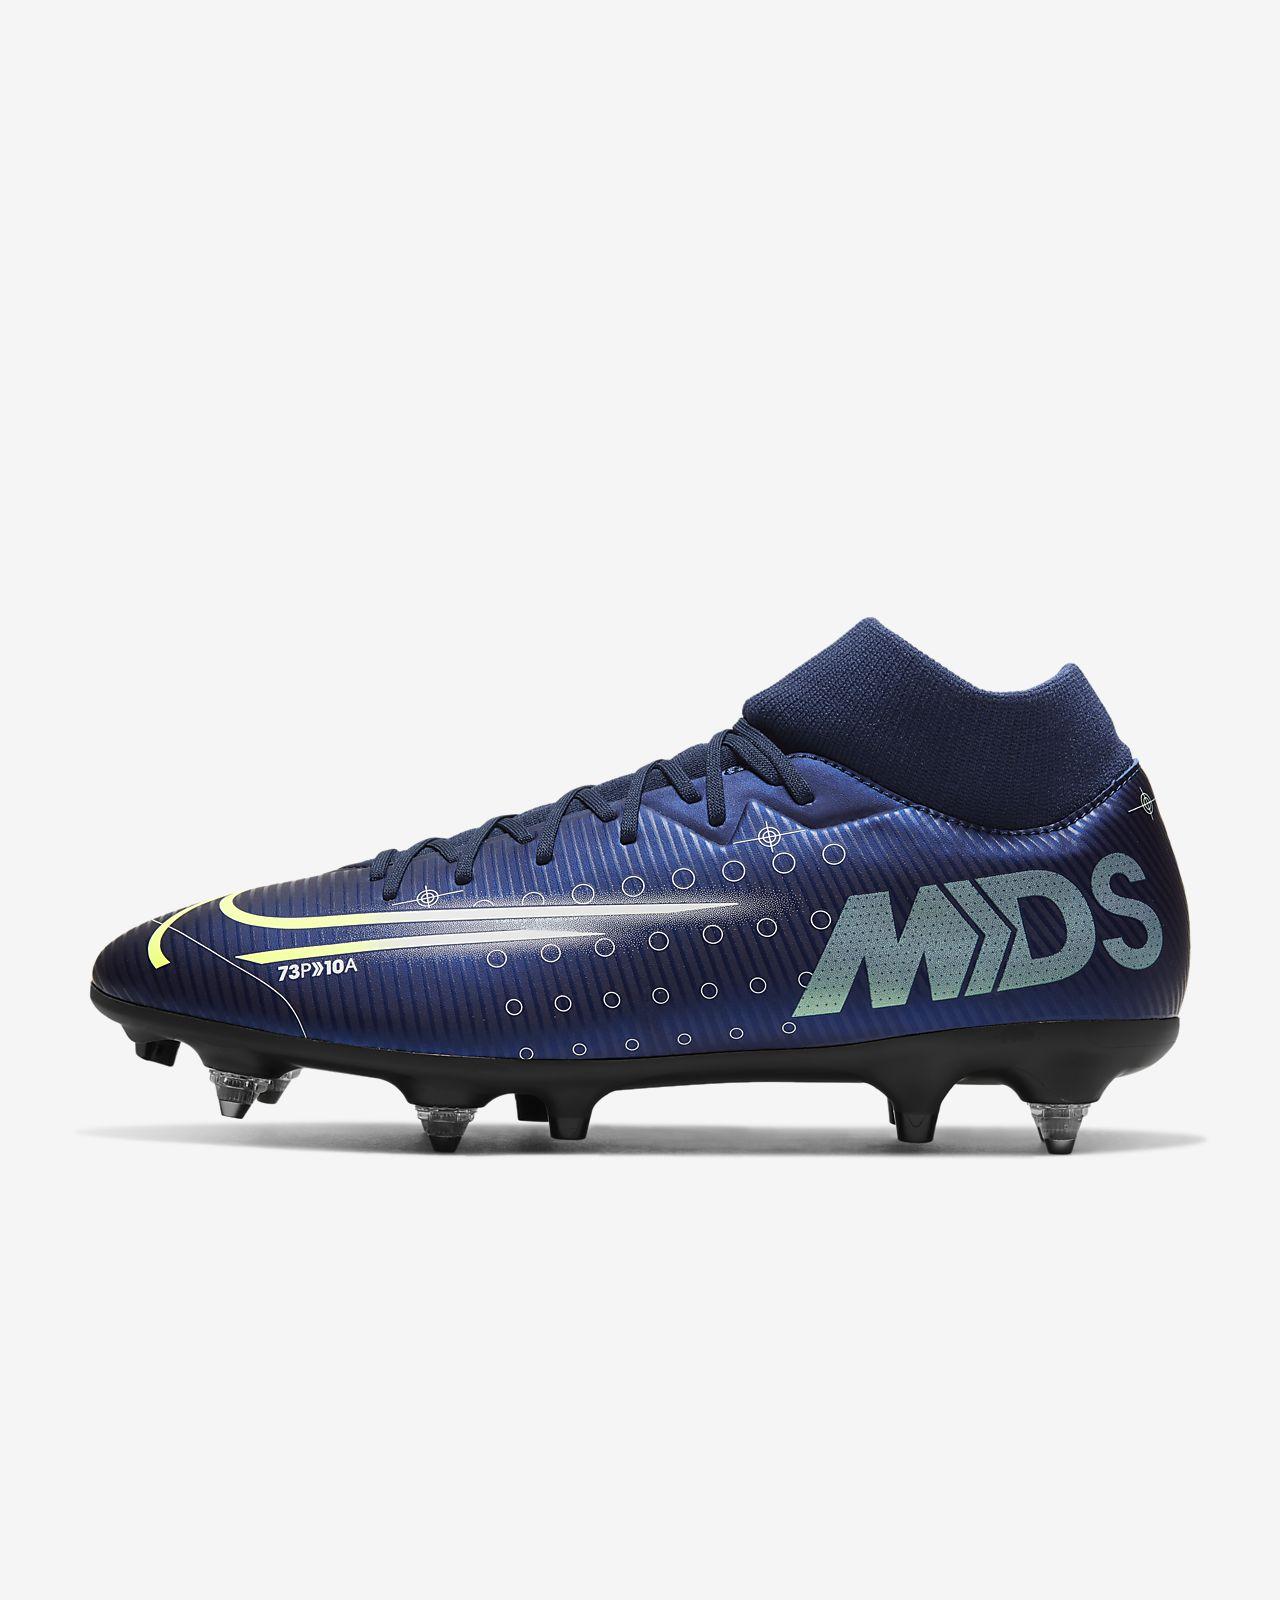 Fotbollssko för vått gräs Nike Mercurial Superfly 7 Academy MDS SG-PRO Anti-Clog Traction